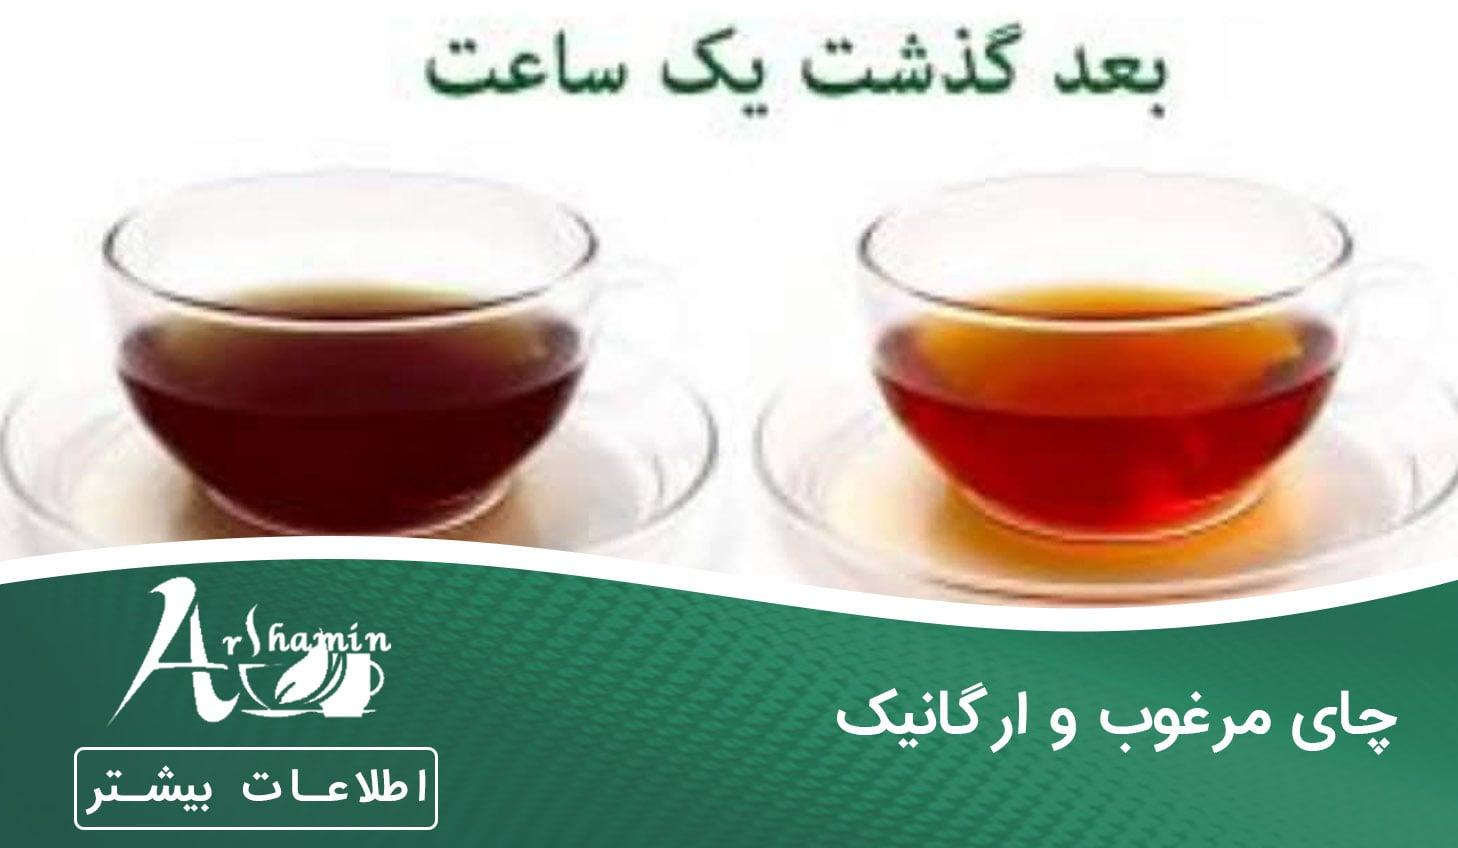 چای مرغوب و ارگانیک